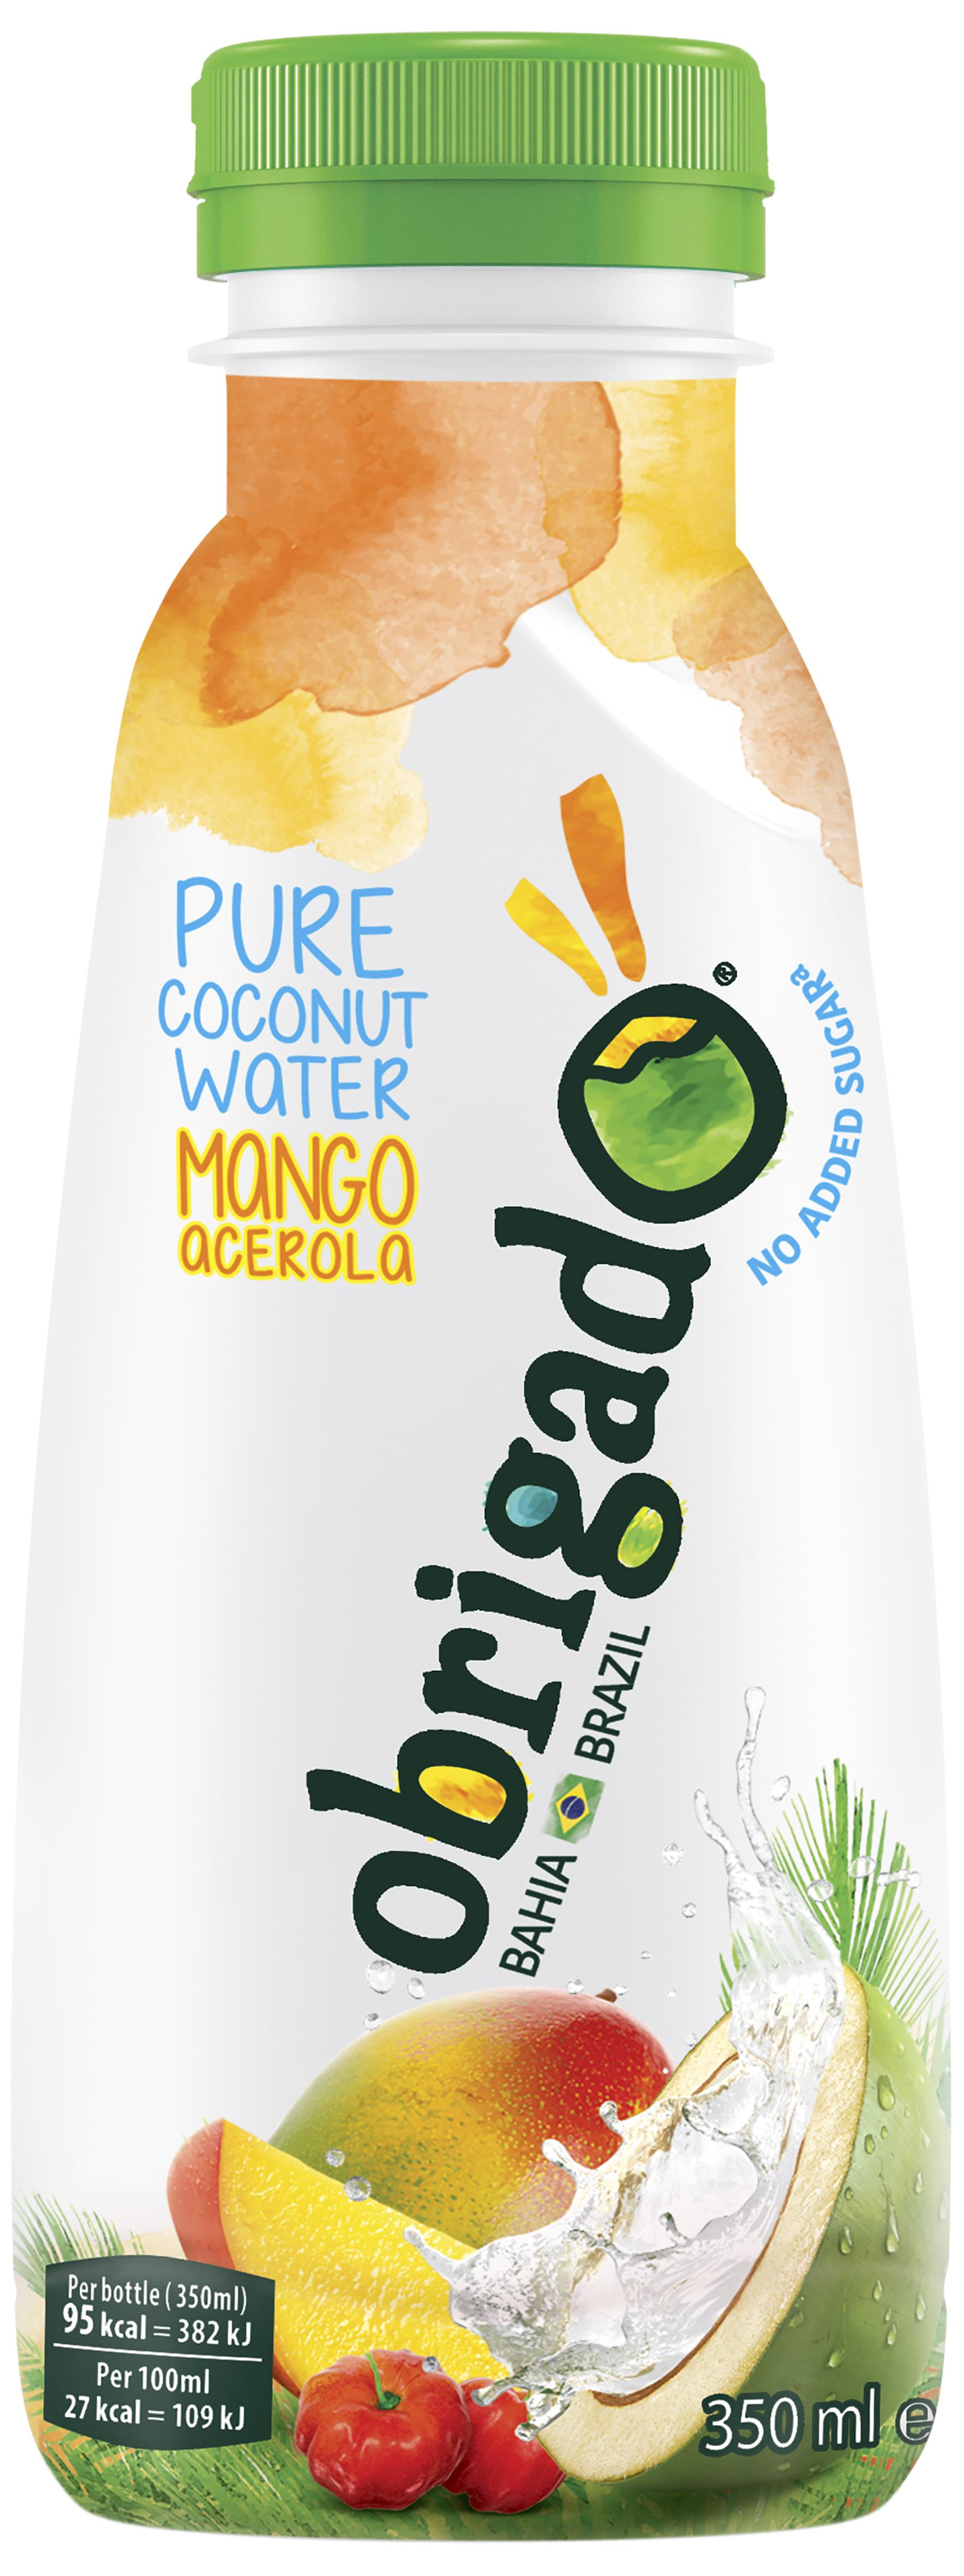 Coconut Water Mango Acerola